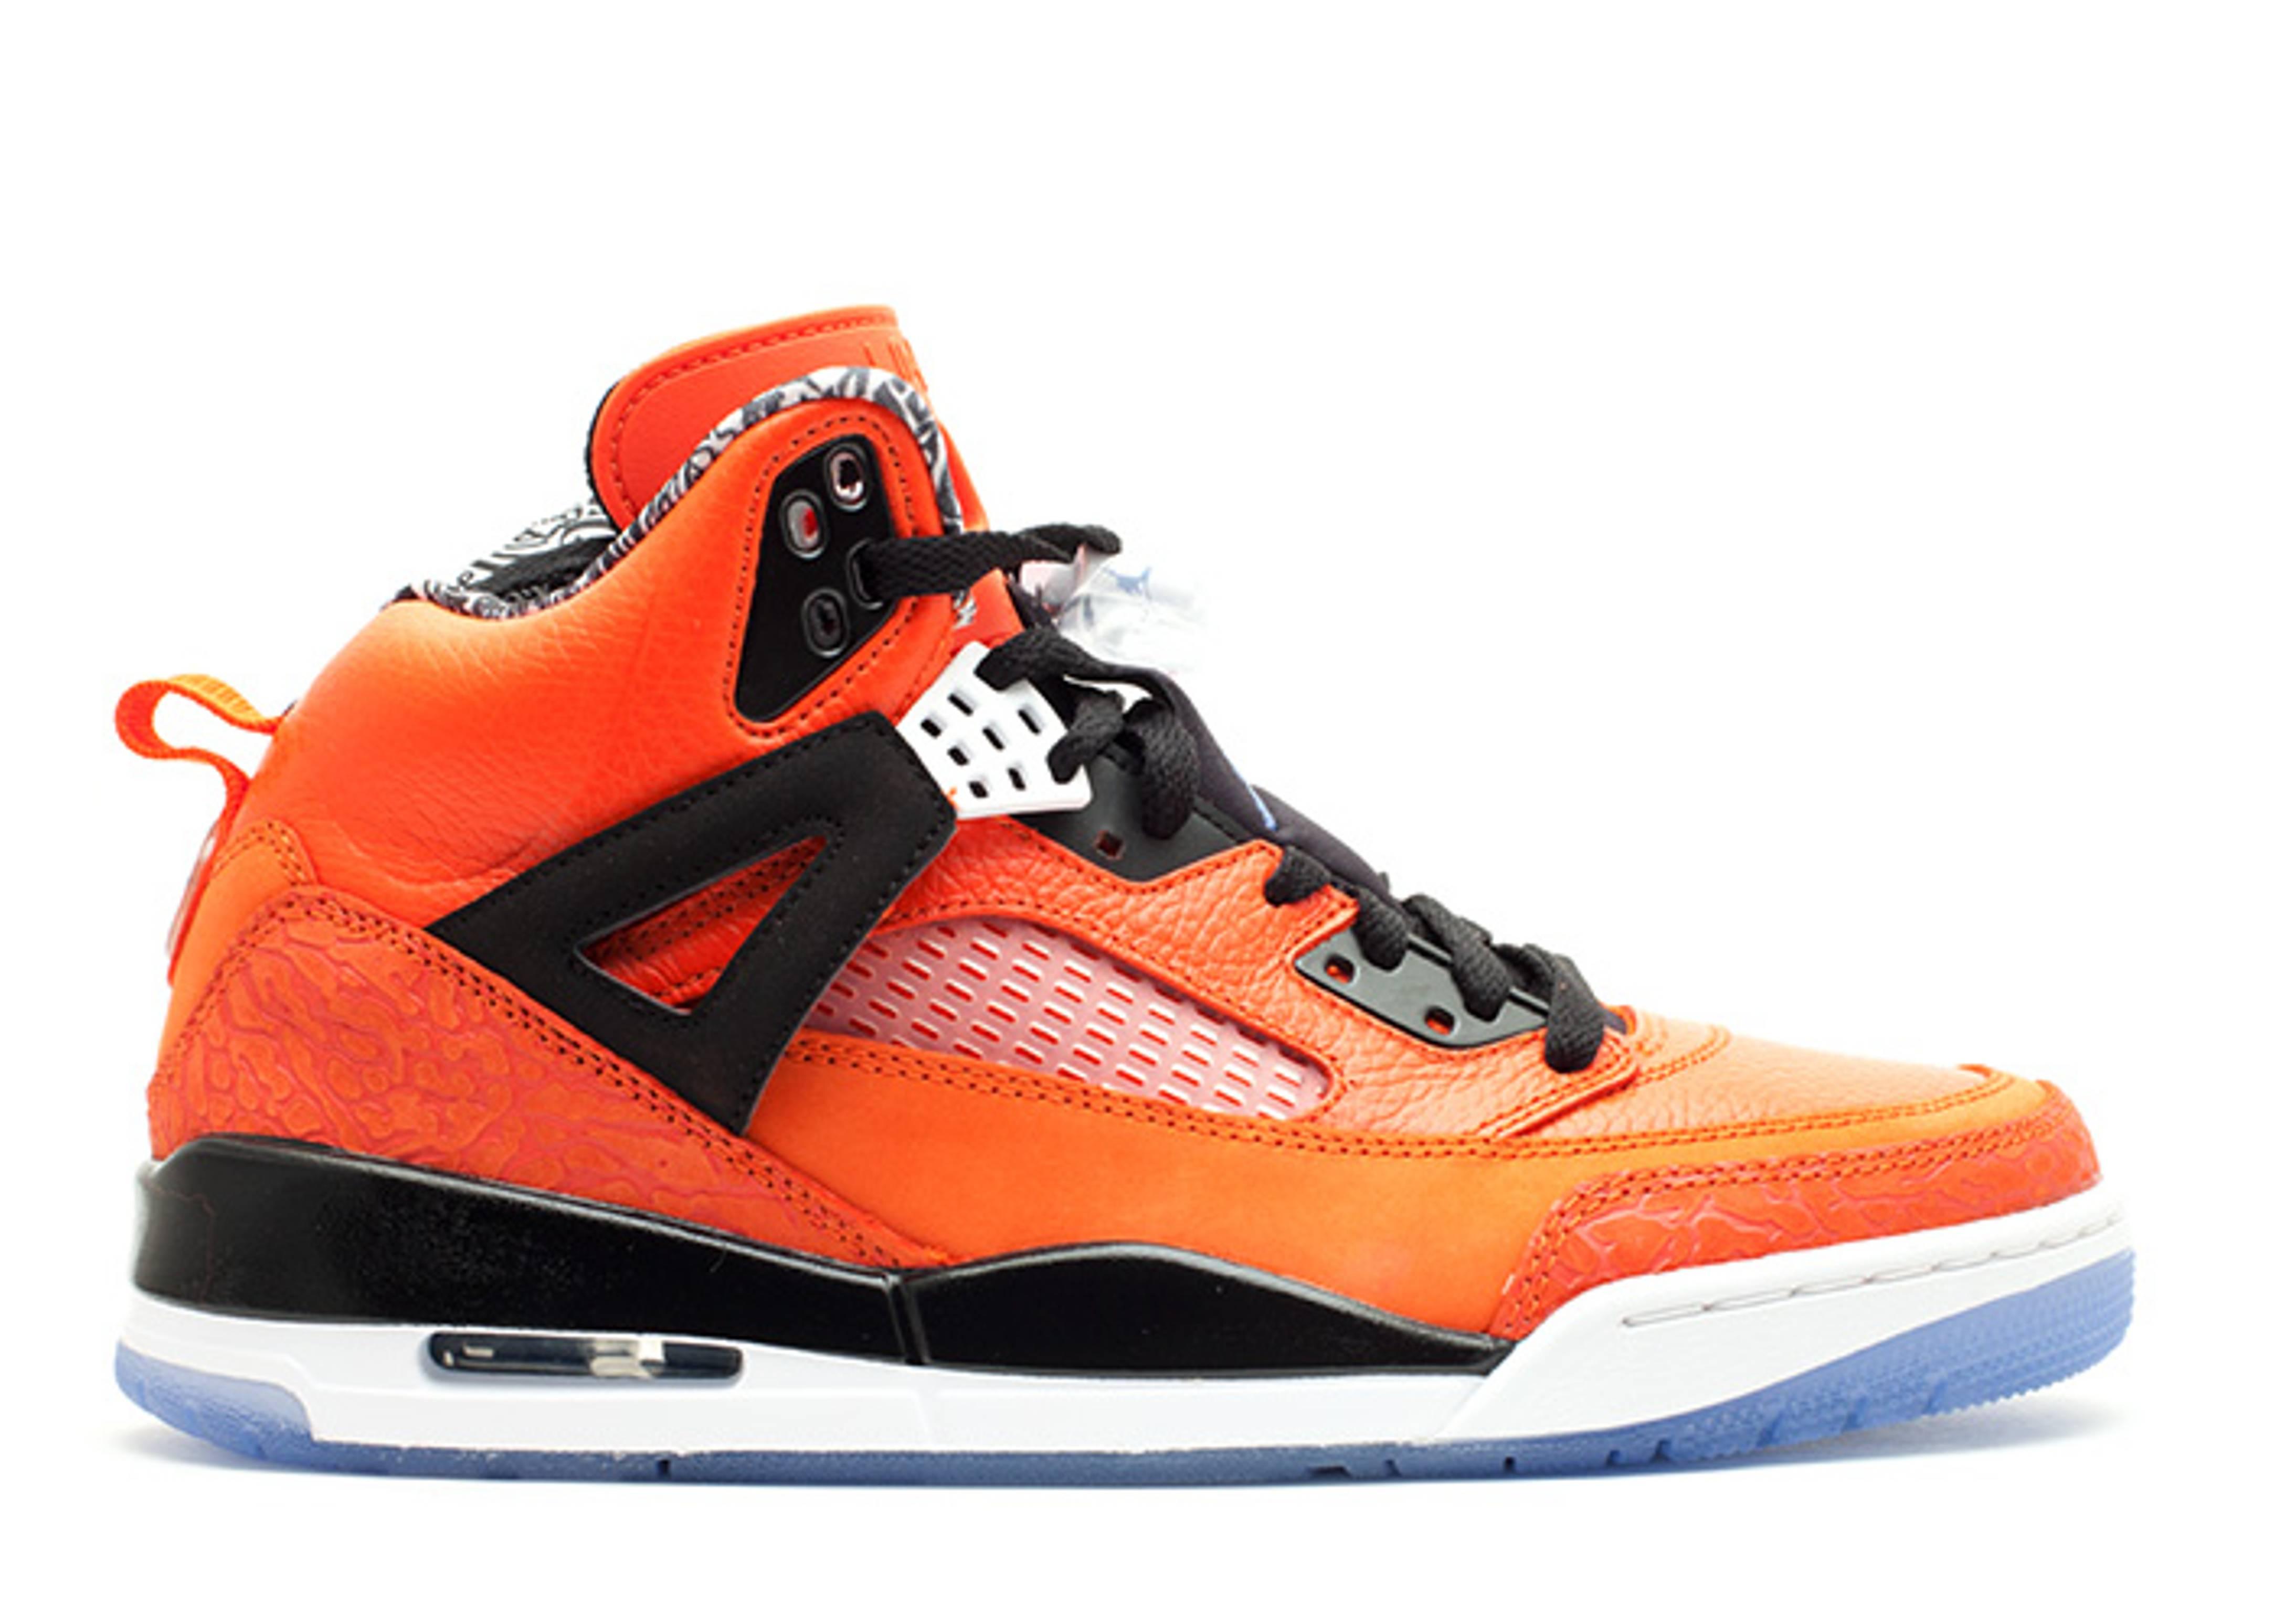 New York Air Jordan Knicks Rumeurs